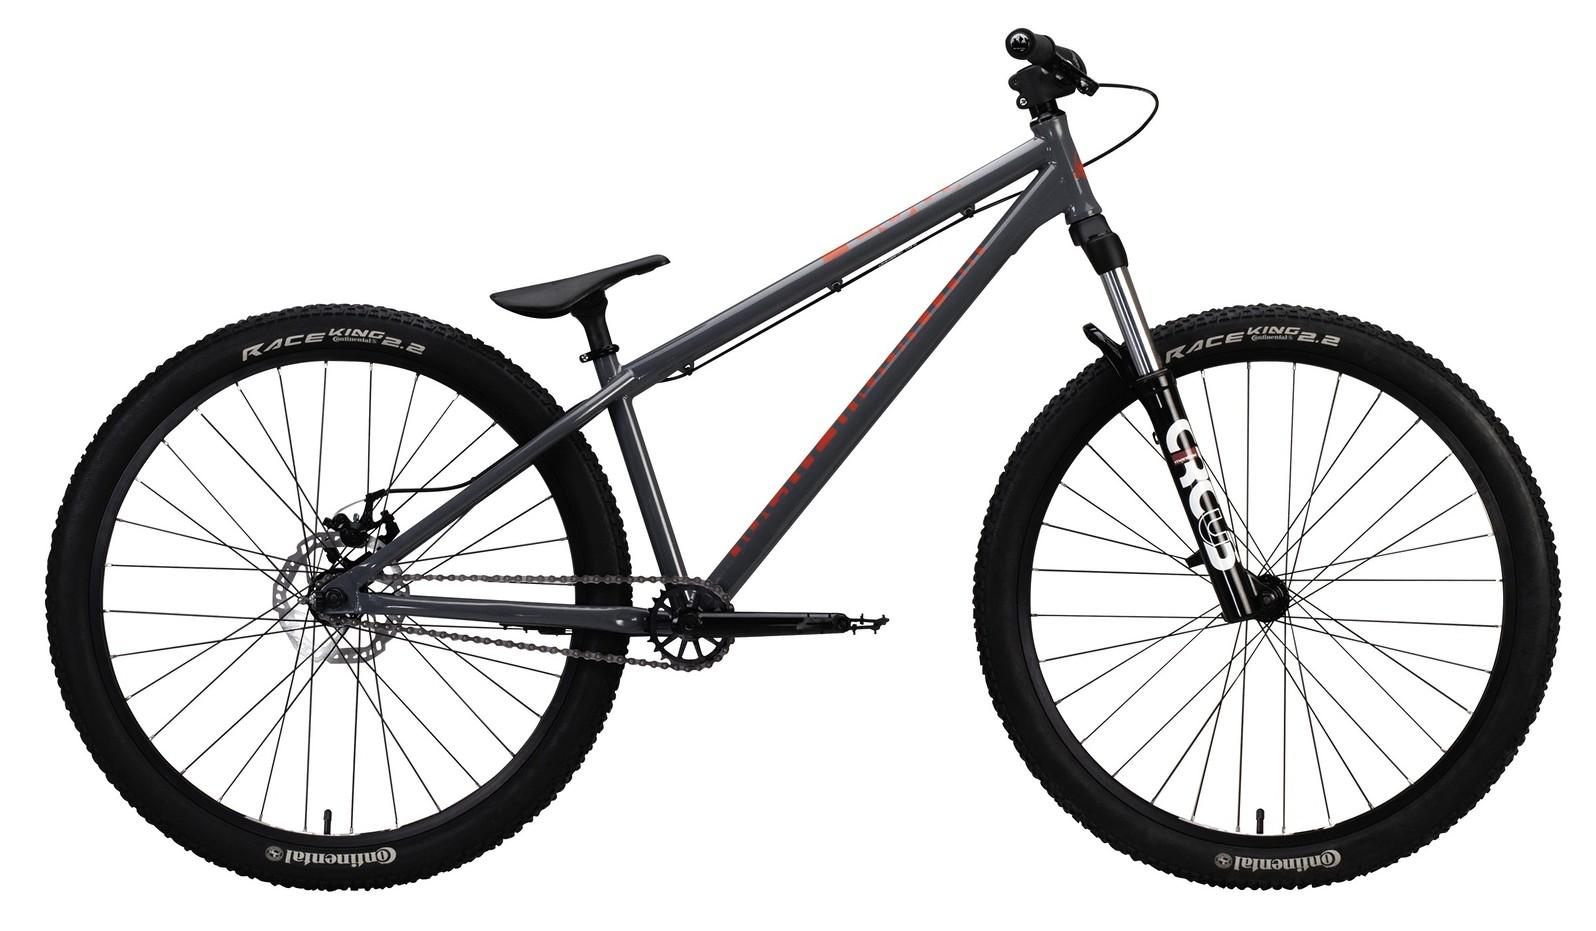 2014 Rocky Mountain Flow DJ Bike bike - 2014 Rocky Mountain Flow DJ